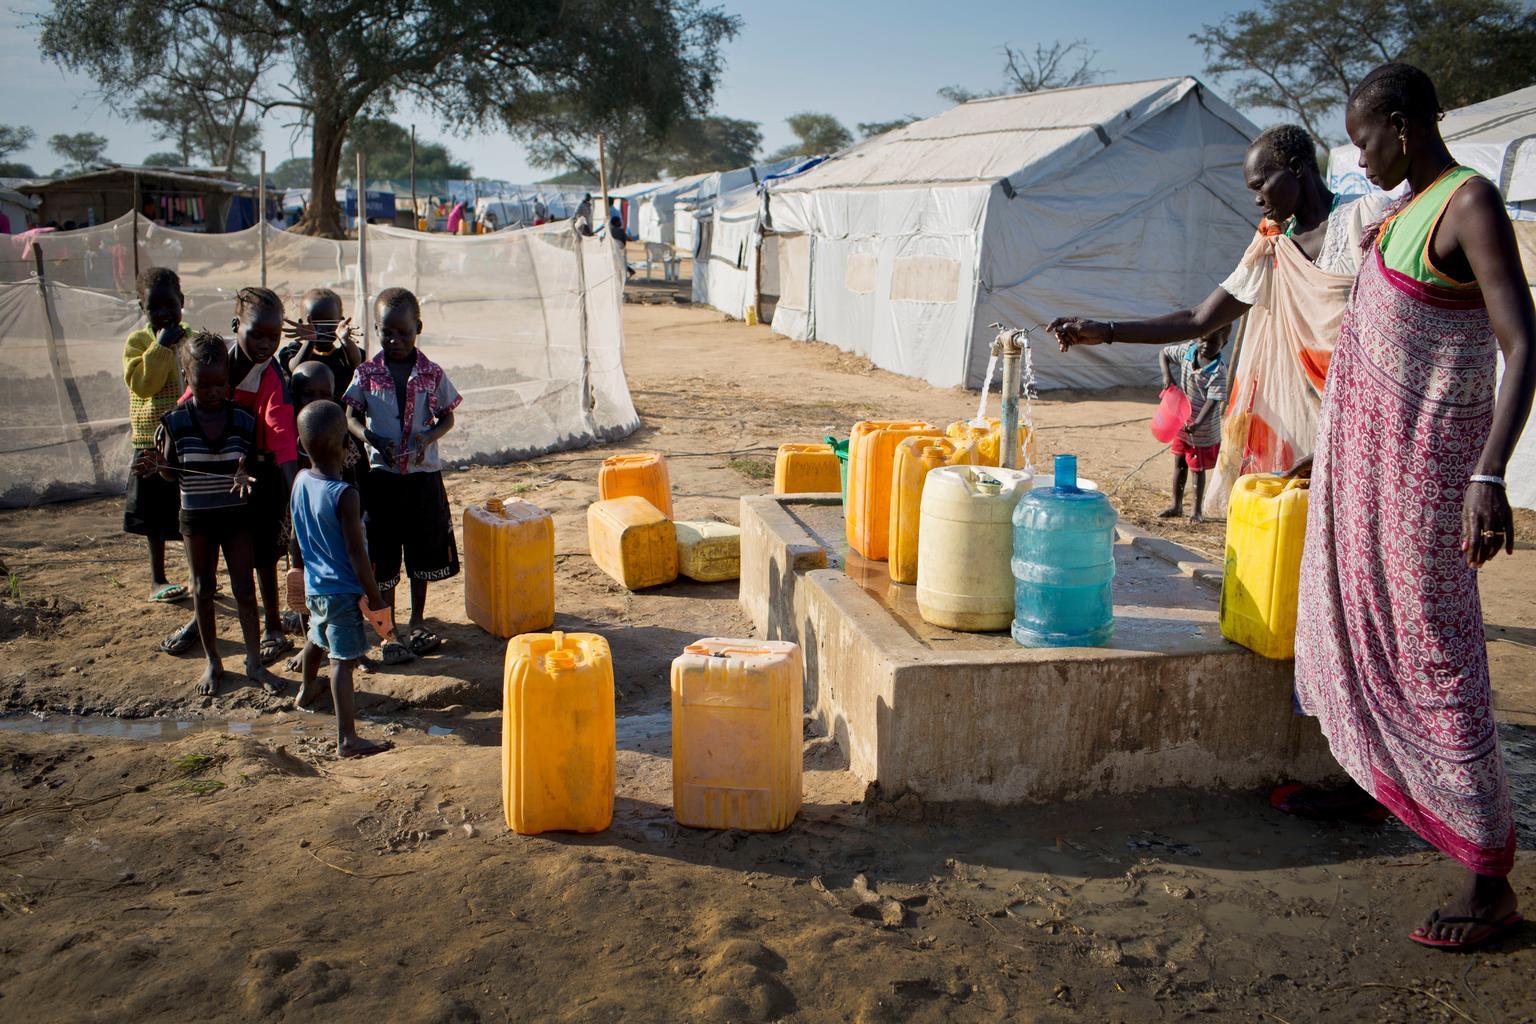 © UNICEF/UNI176399/Holt